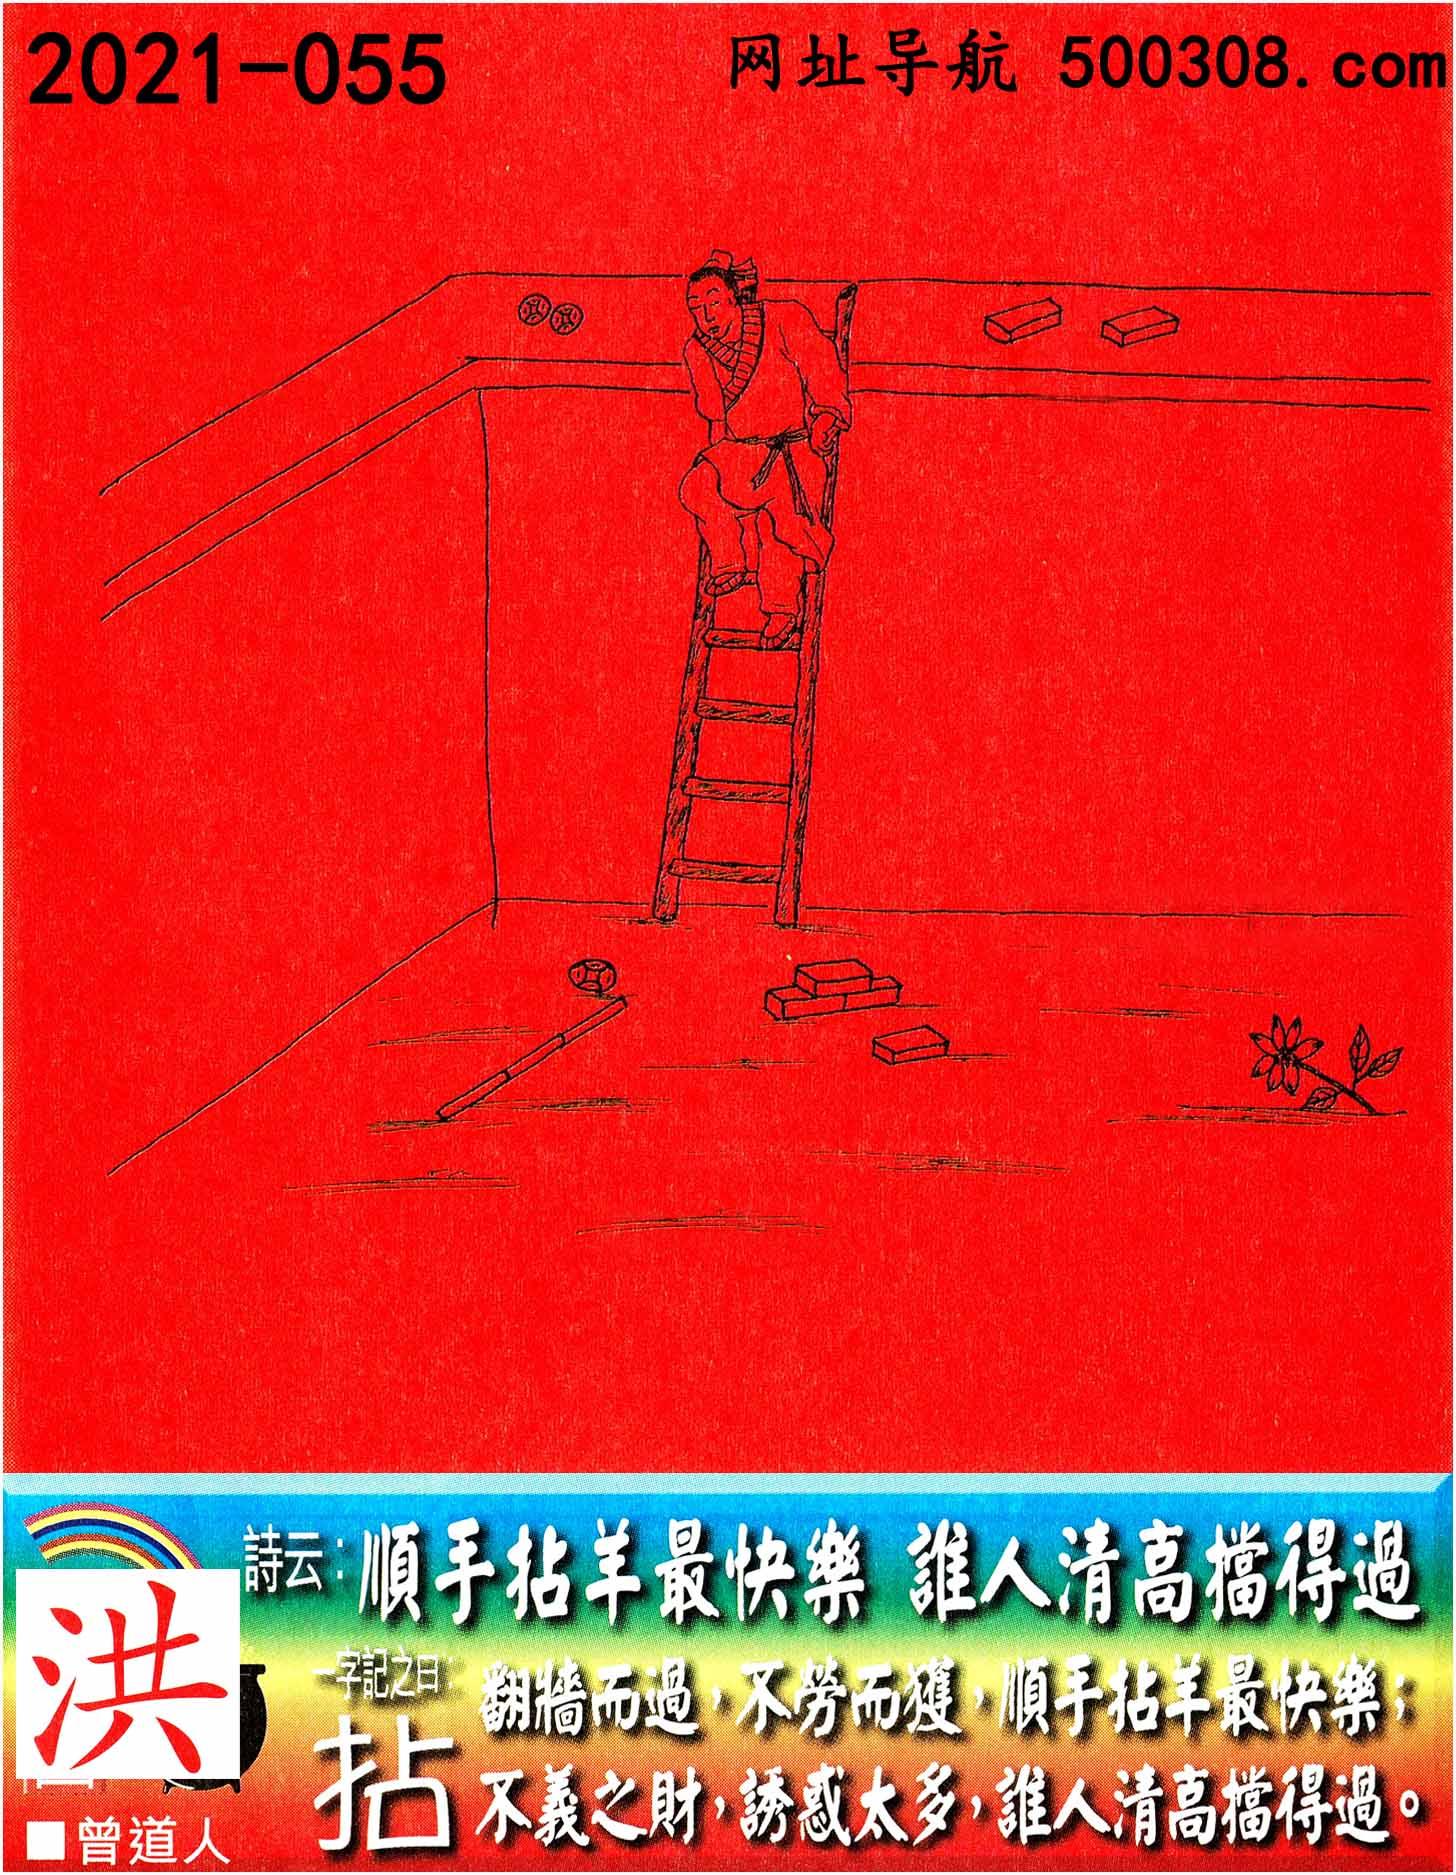 055期老版跑狗一字�之曰:【拈】_��:顺手拈羊最快�罚��l人清高�醯眠^。